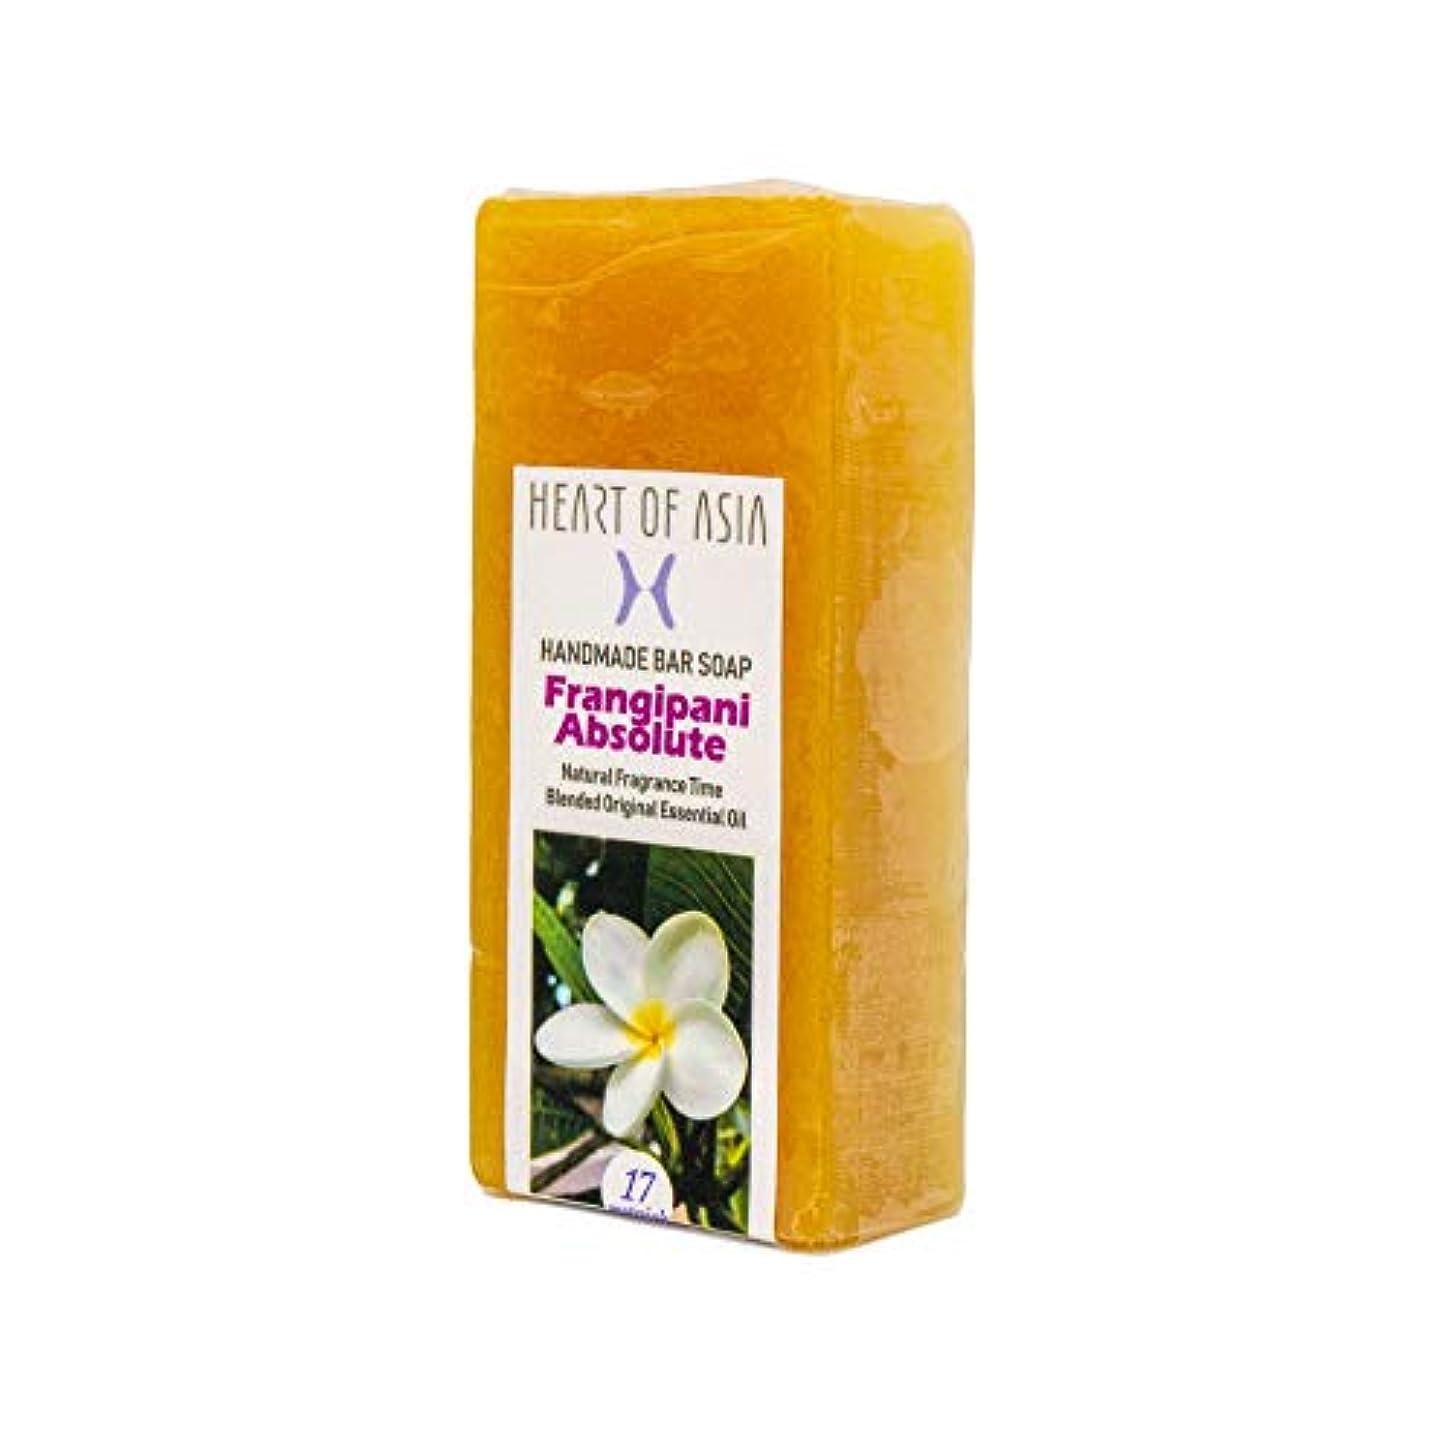 エスニック減る財団香水のようなフレグランス石けん HANDMADE BAR SOAP ~Frangipani Absolute~ (単品)